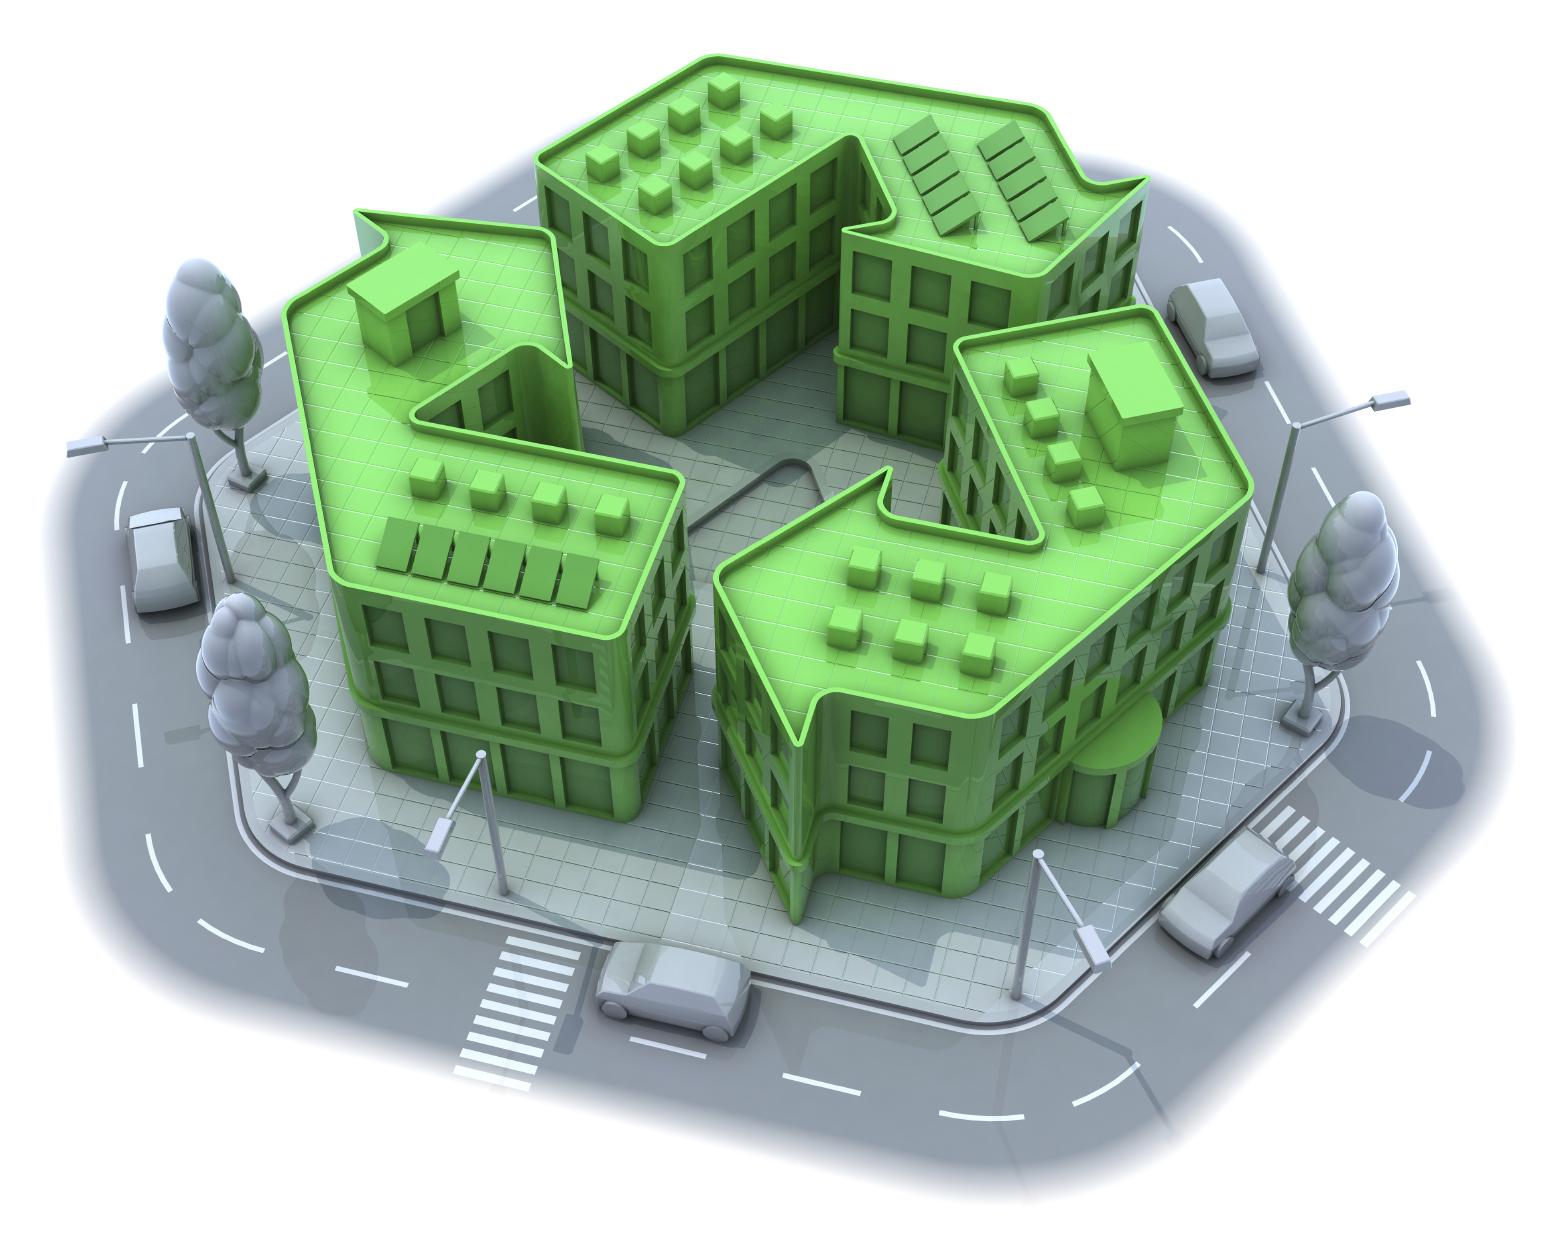 Μία σωστή πρωτοβουλία για τη βελτίωση της ενεργειακής απόδοσης κτιρίων